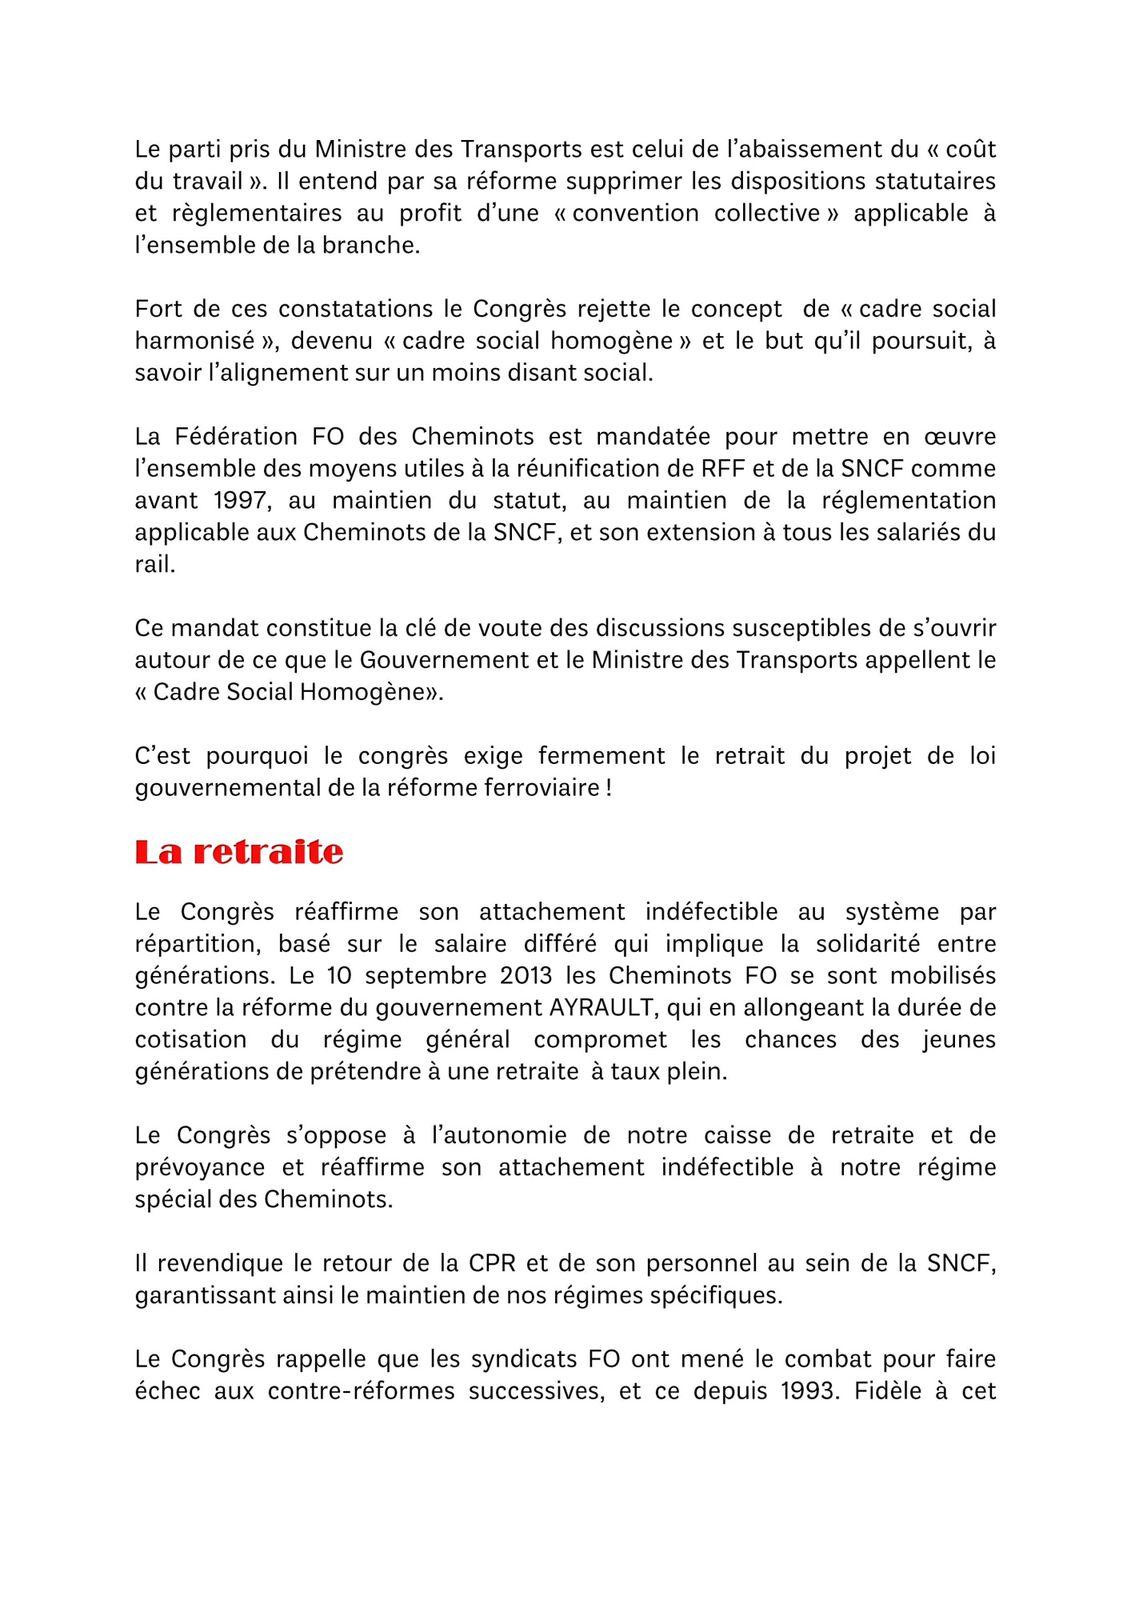 RESOLUTION du XXI ème congrés de la fédération syndicaliste Force Ouvrière des CHEMINOTS